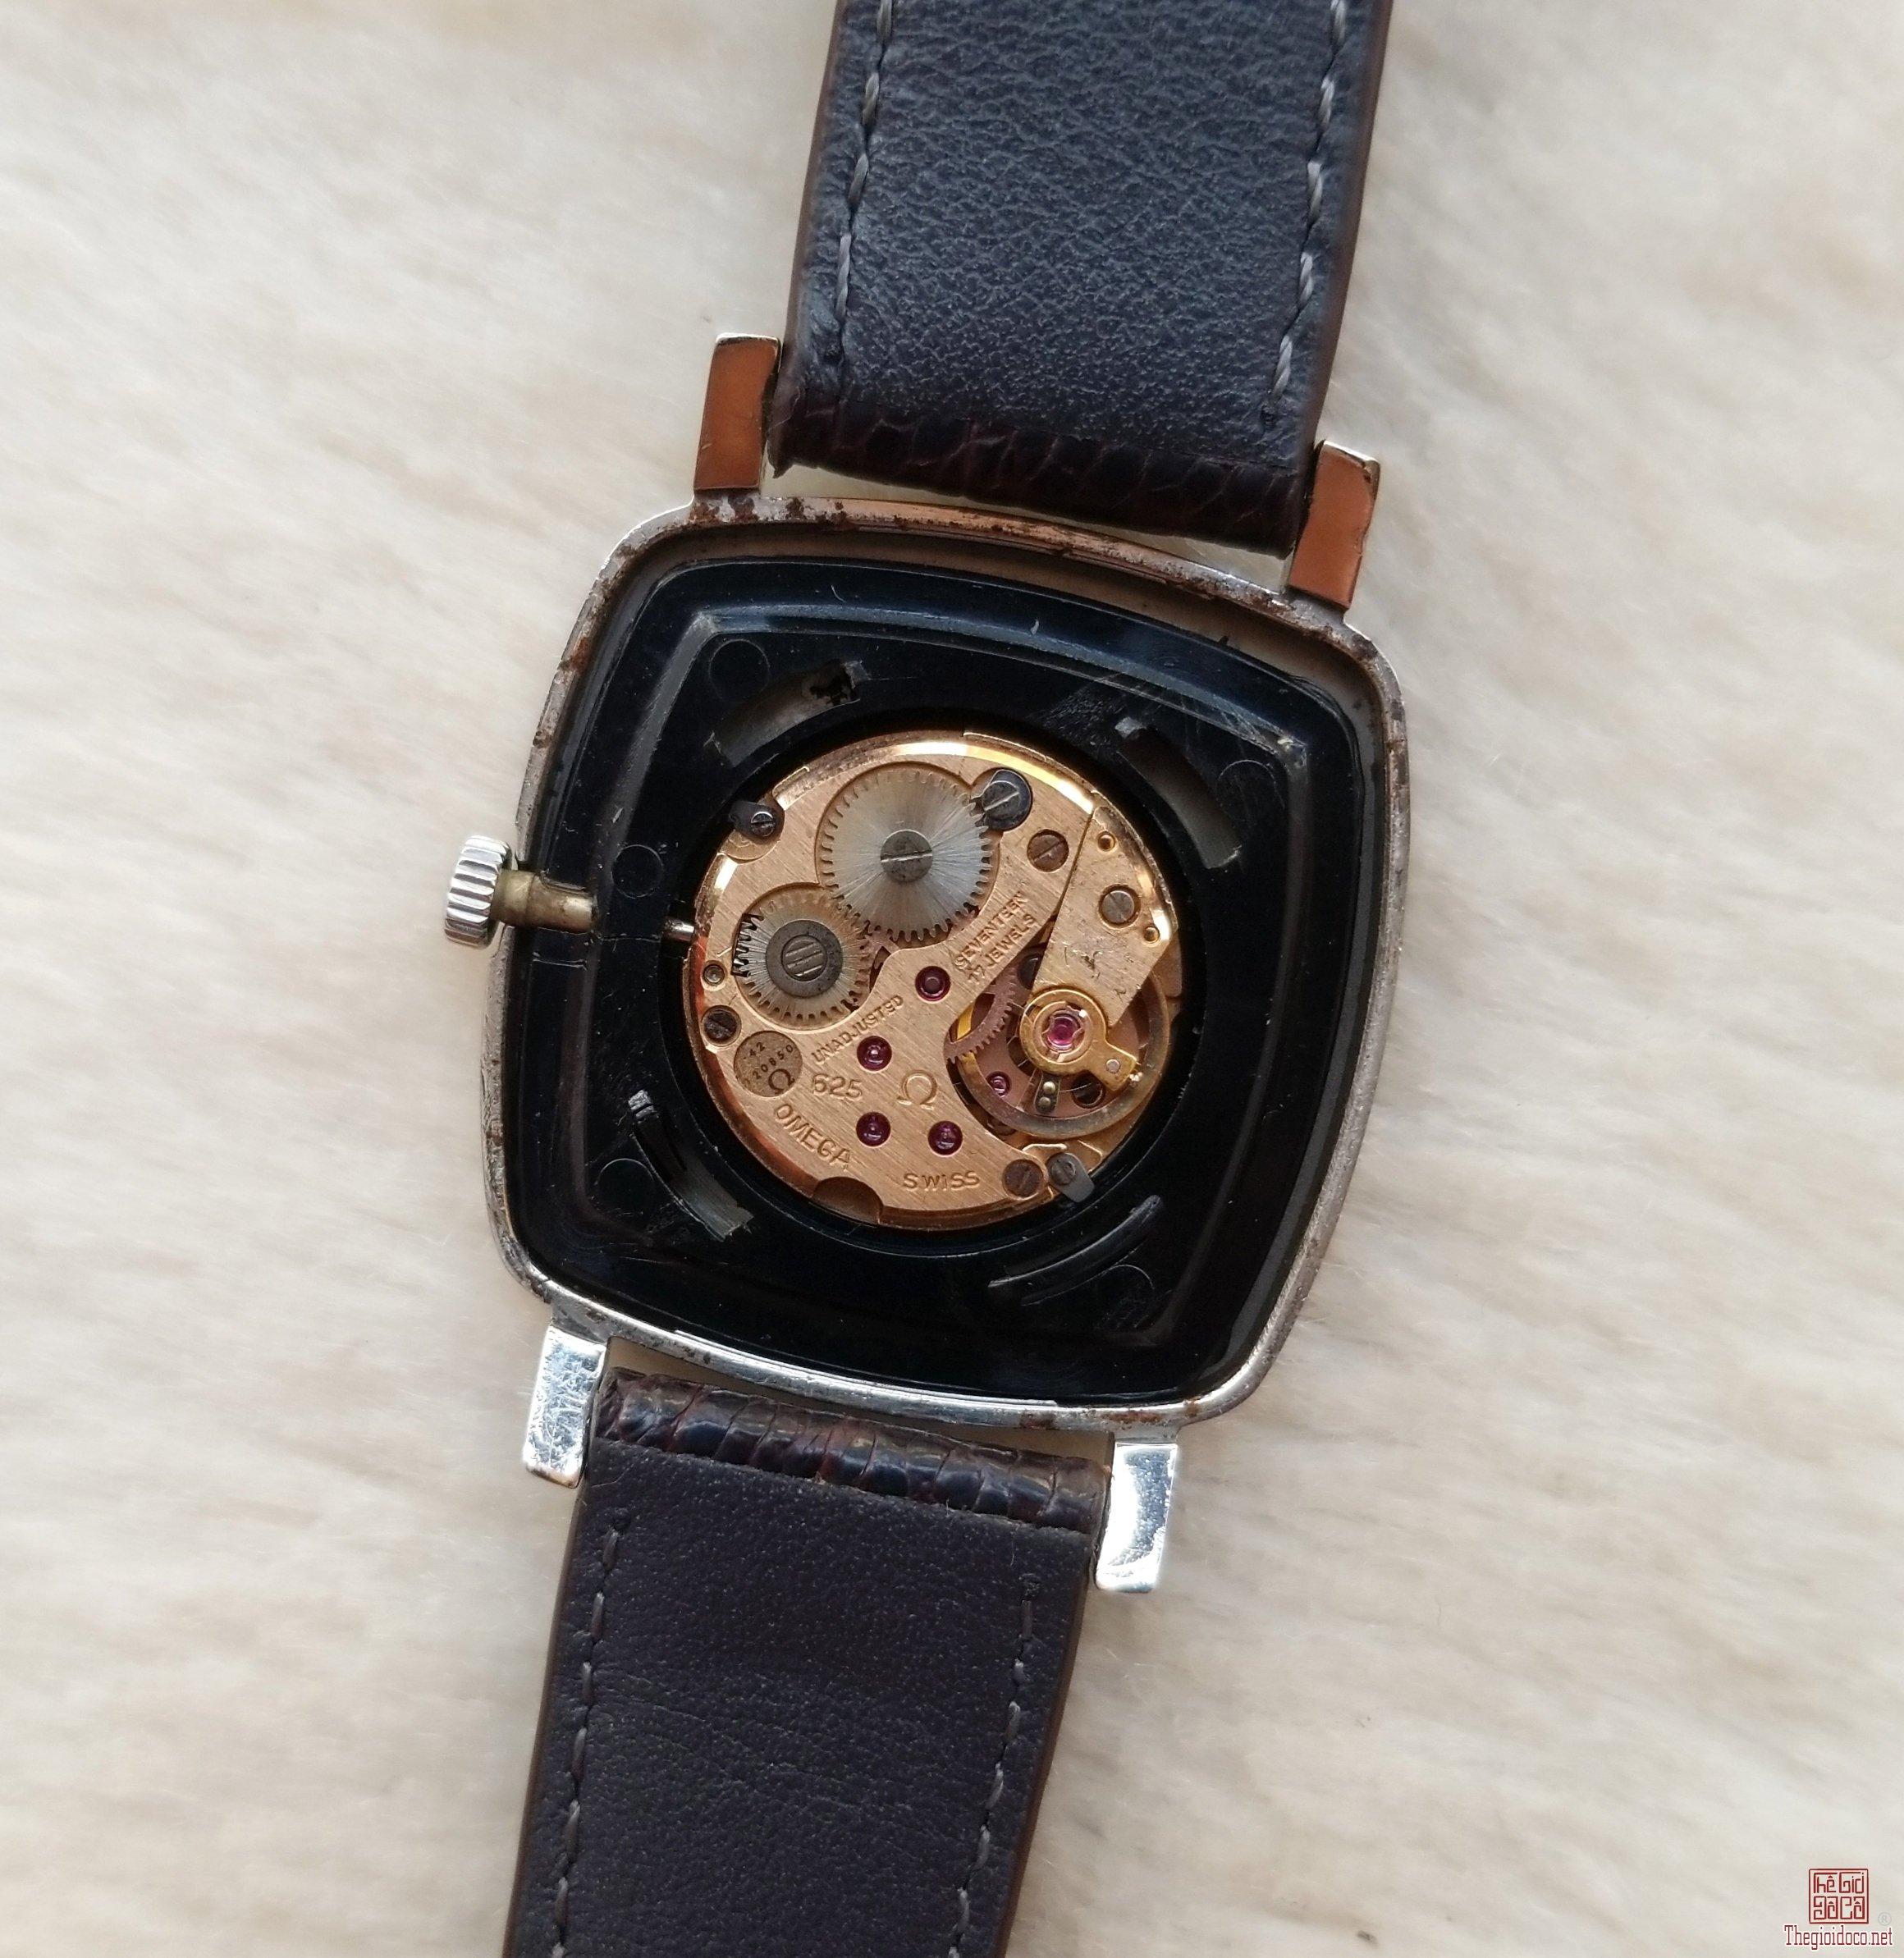 Đồng hồ xưa lên dây OMEGA Thụy Sỹ